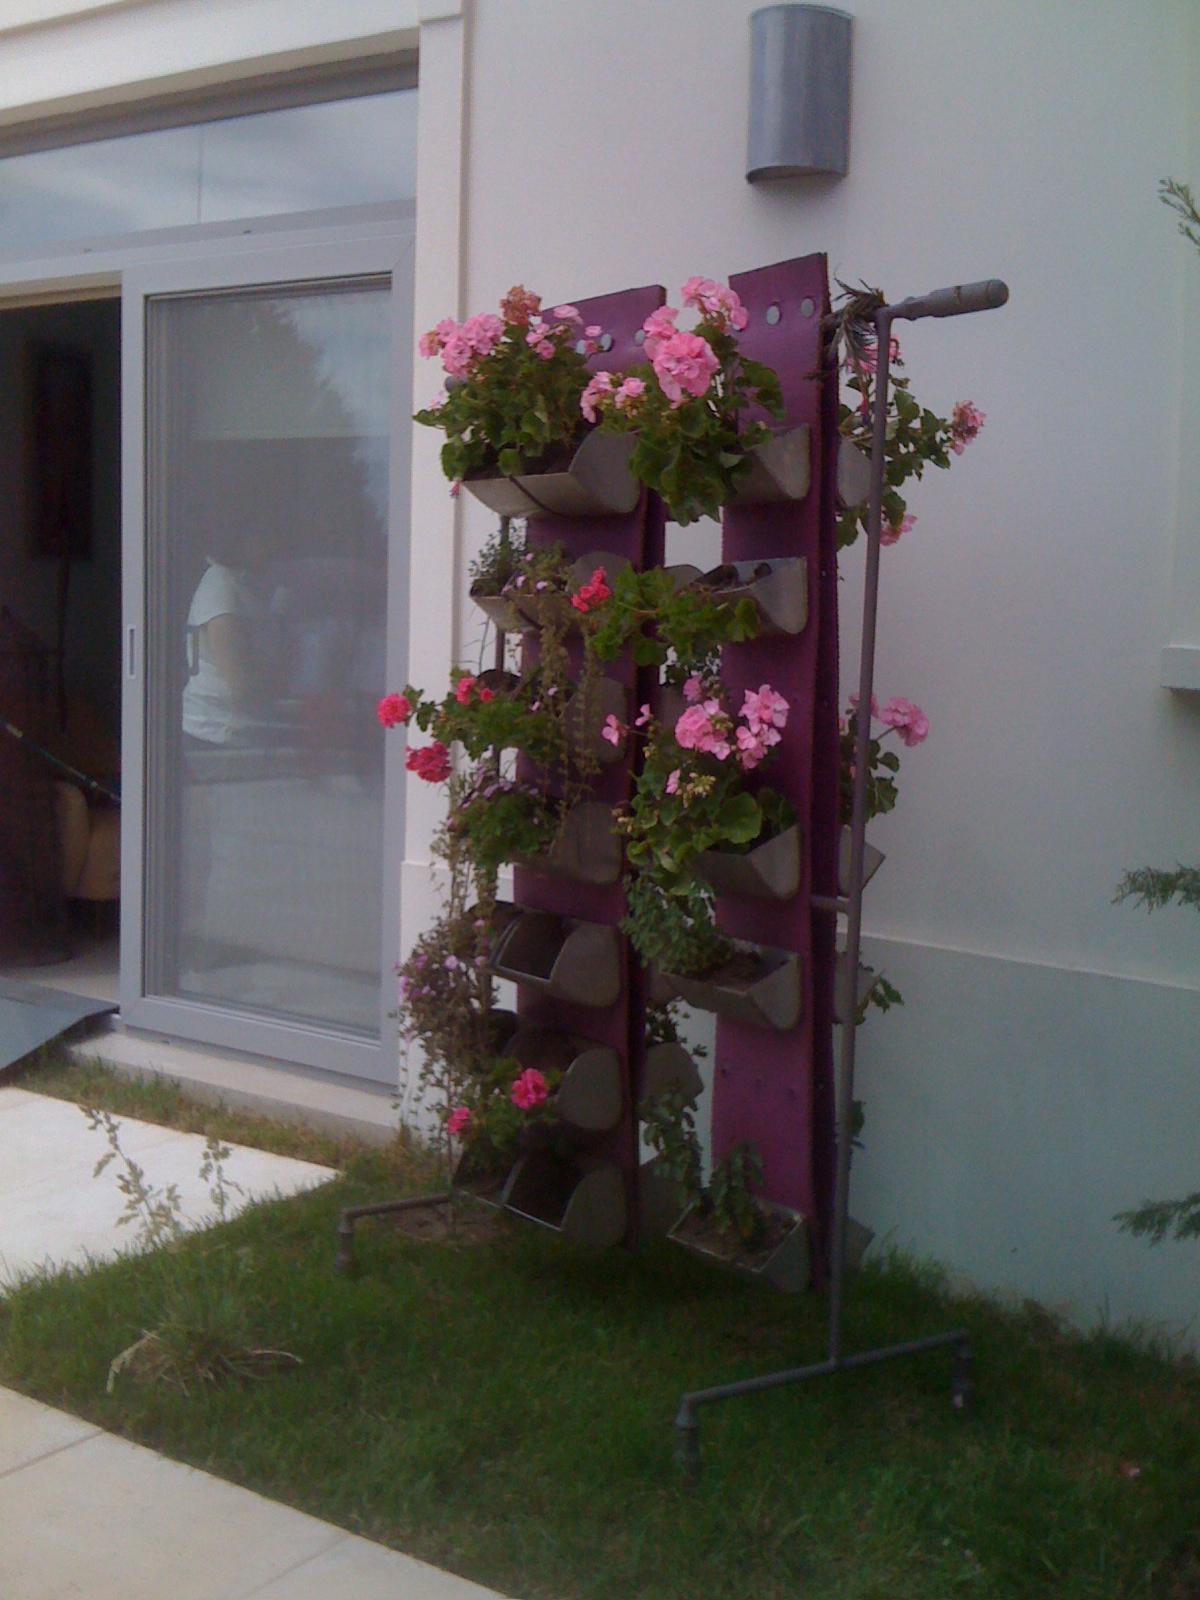 Dondehogar una terraza soleada caso 81 redecorate - Macetas en la pared ...